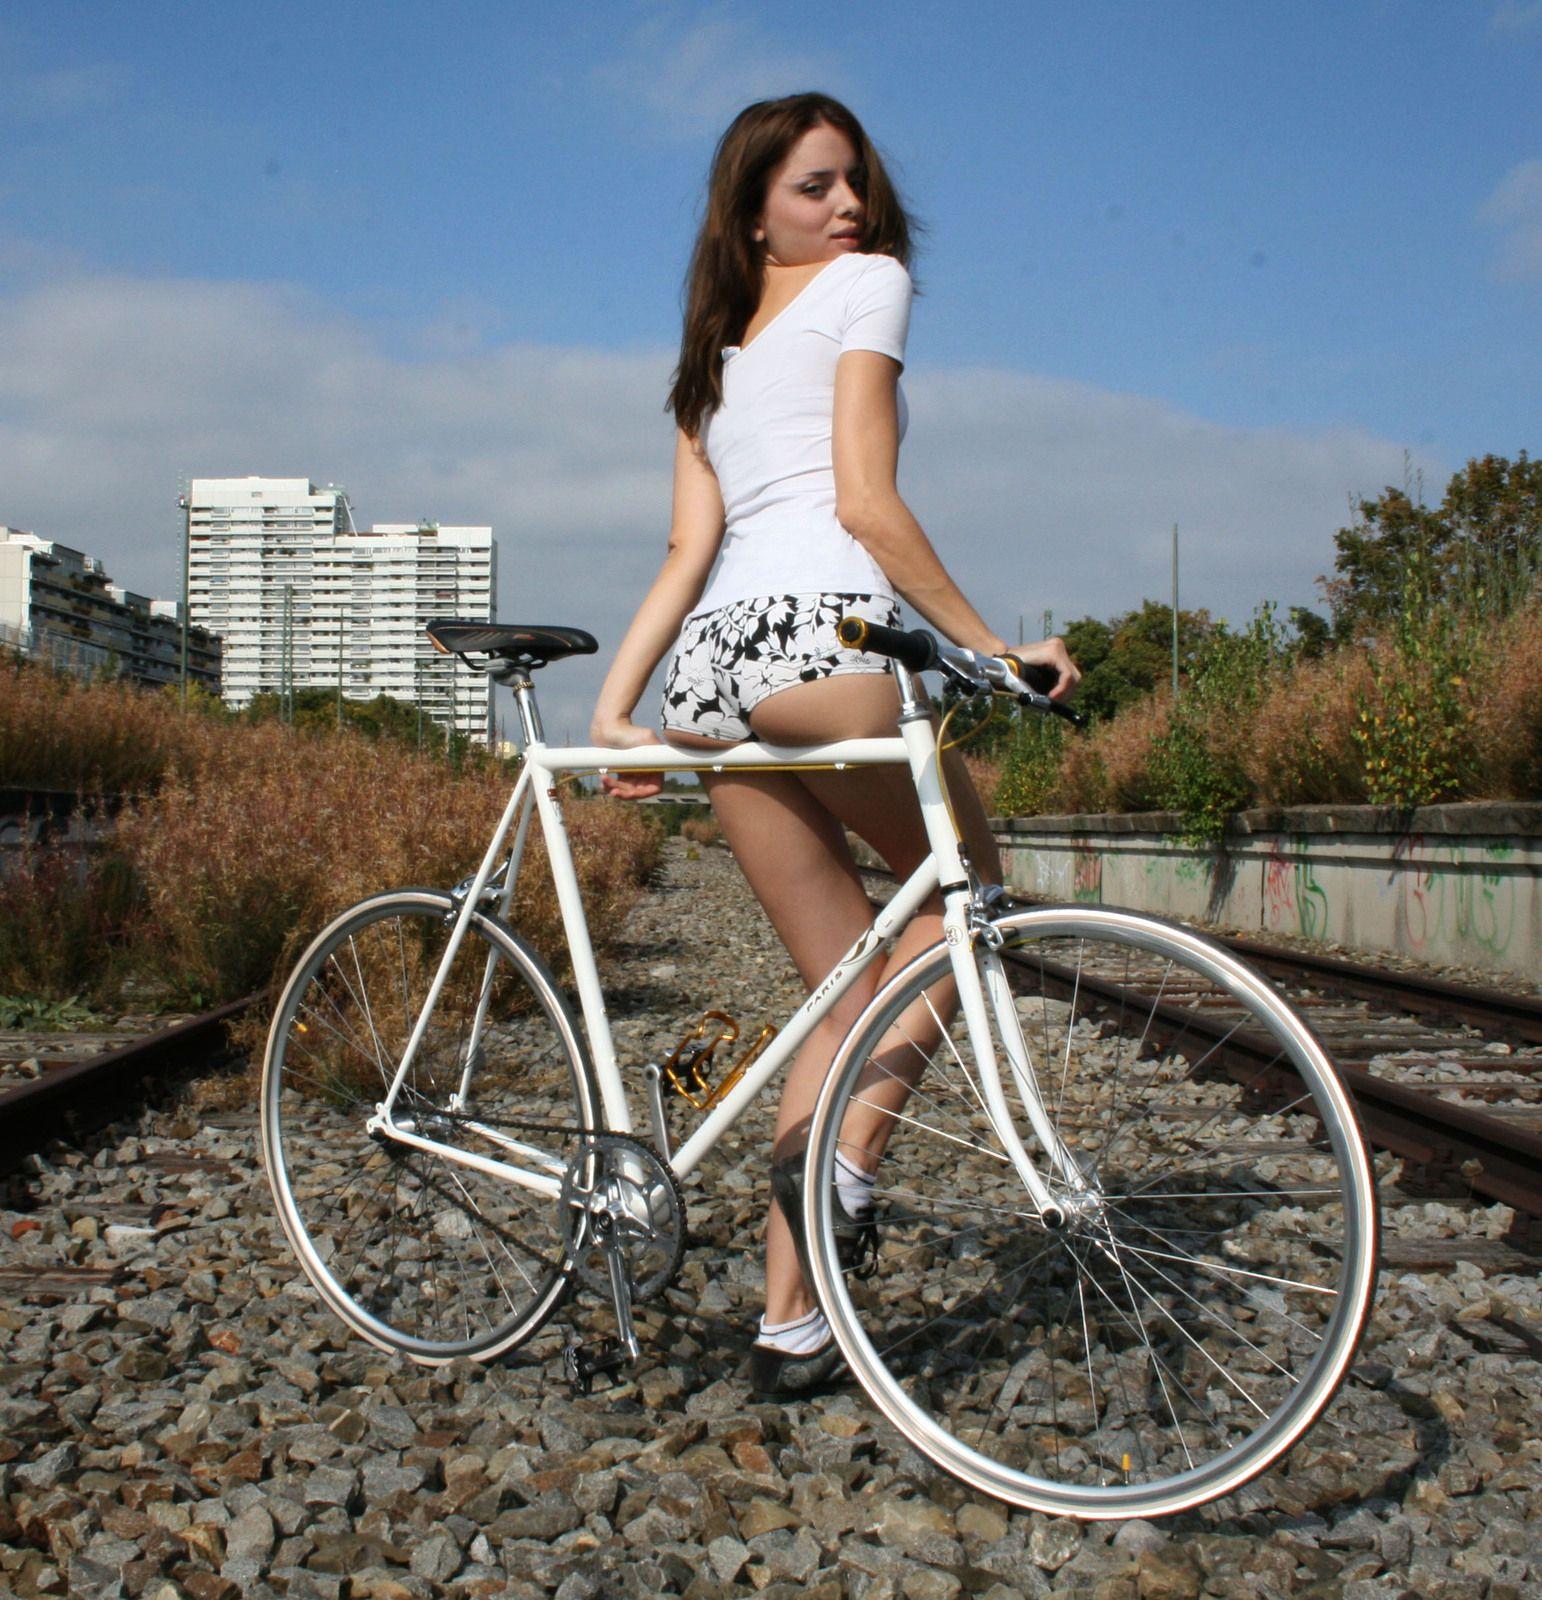 велосипед и девушка фото